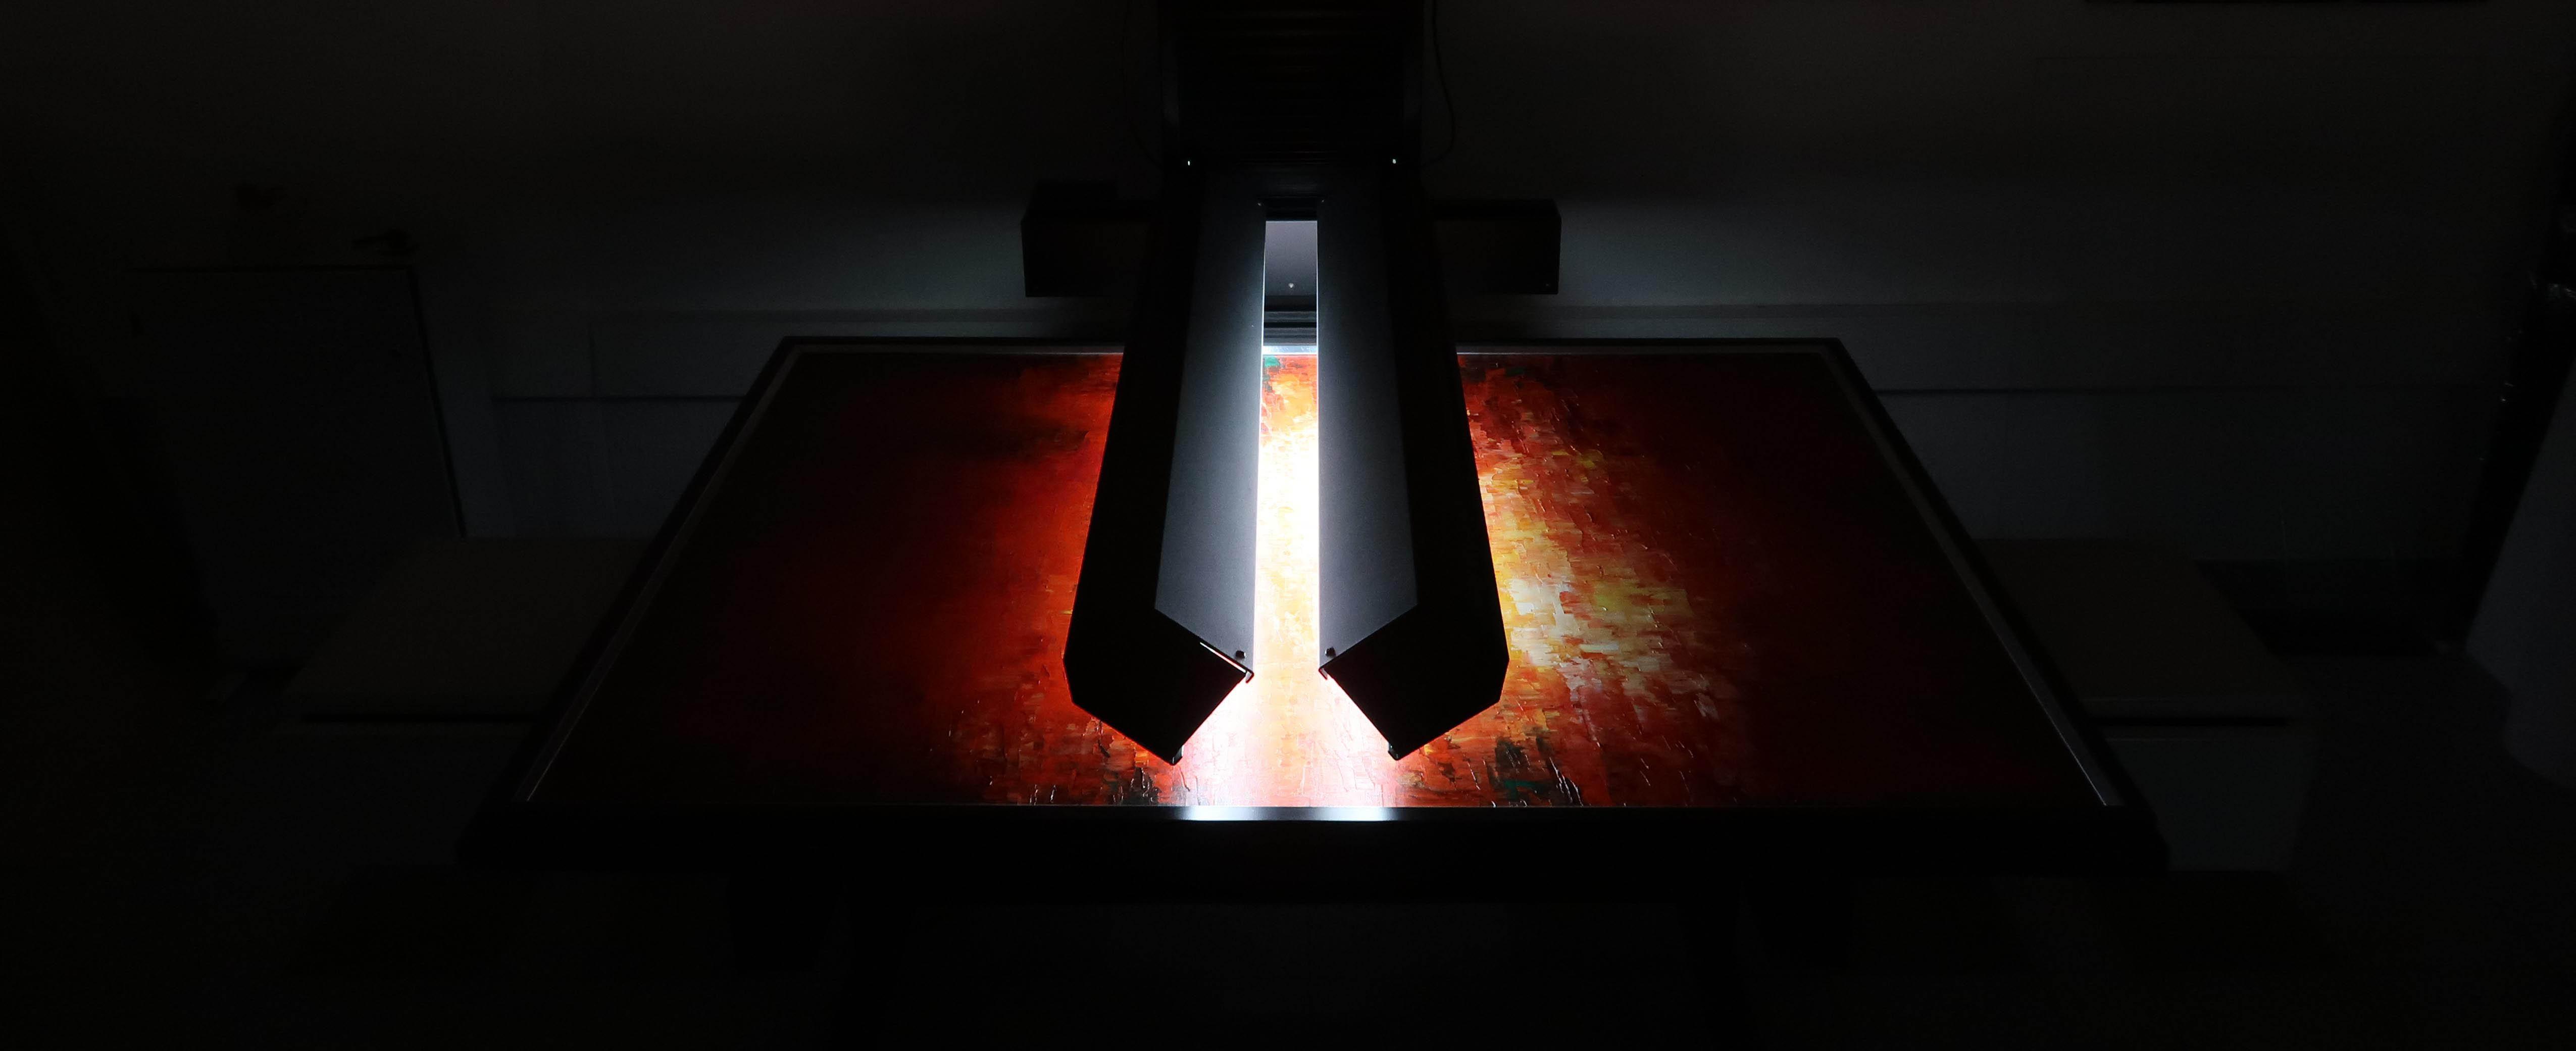 large format scanning fine art scan